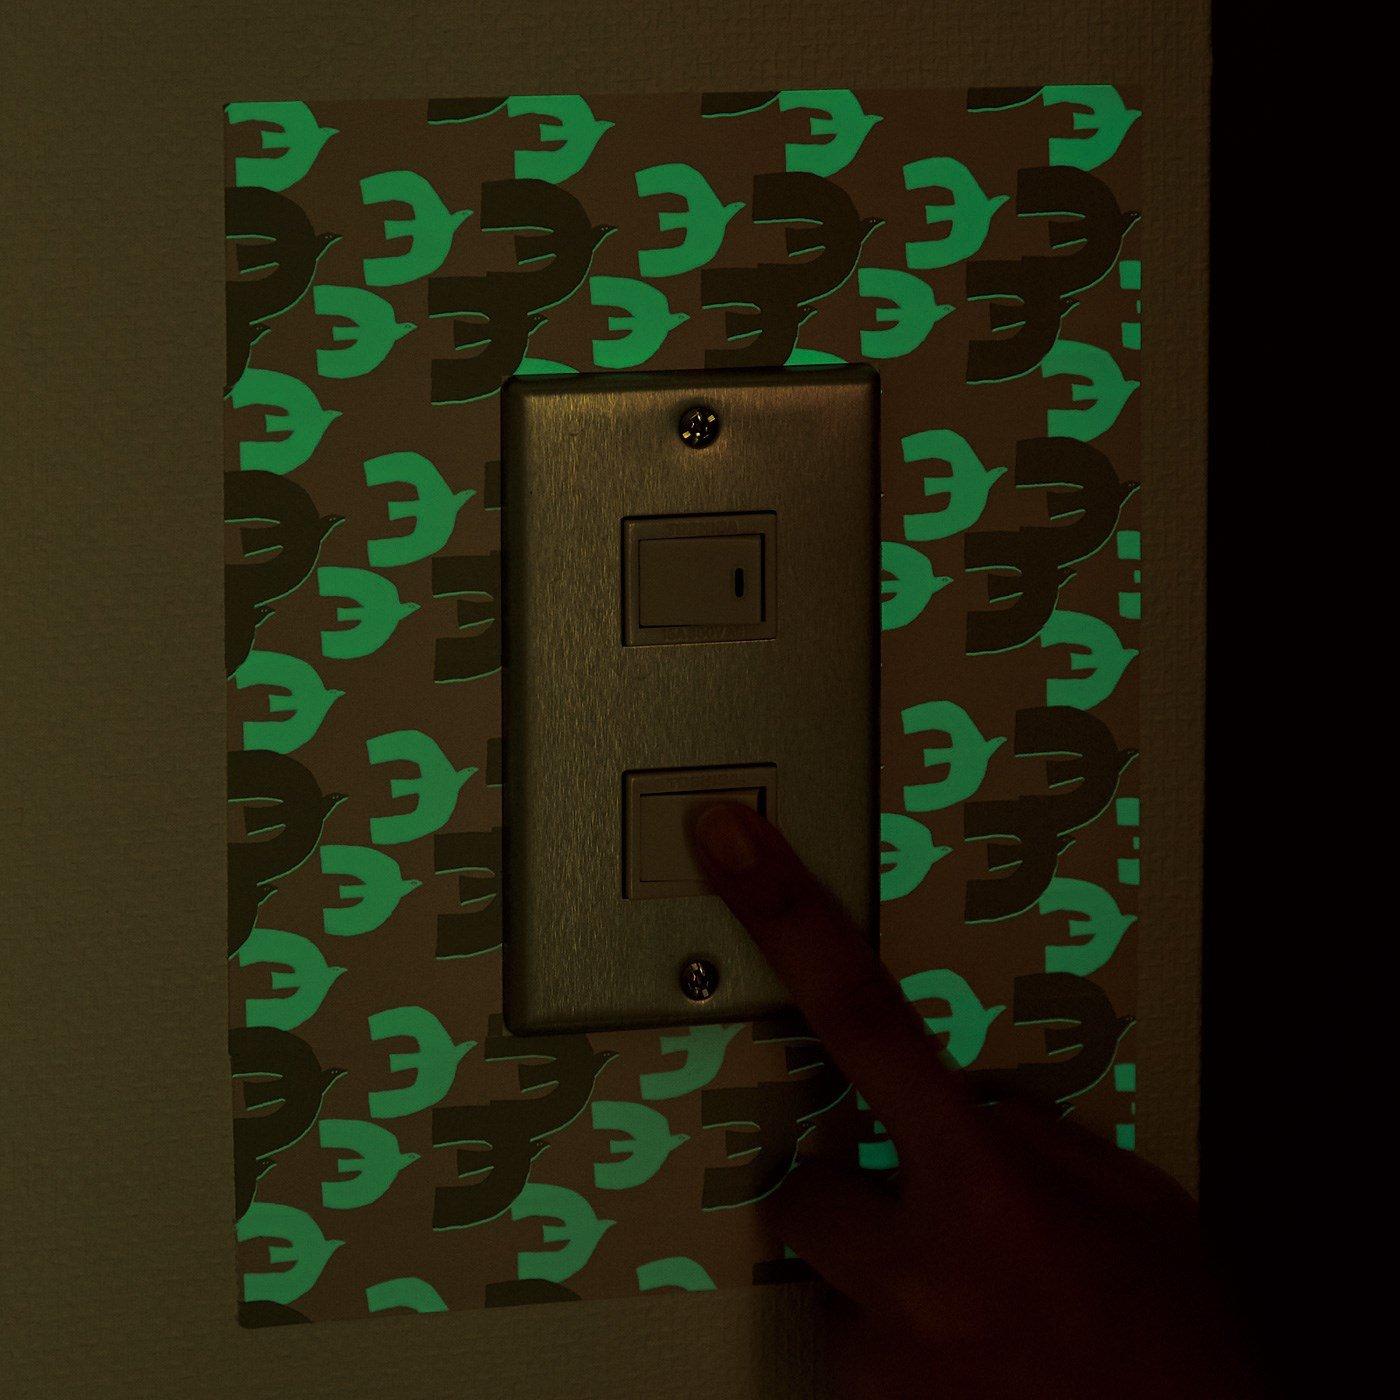 急な暗がりに便利な蓄光シール〈フォレスト〉の会